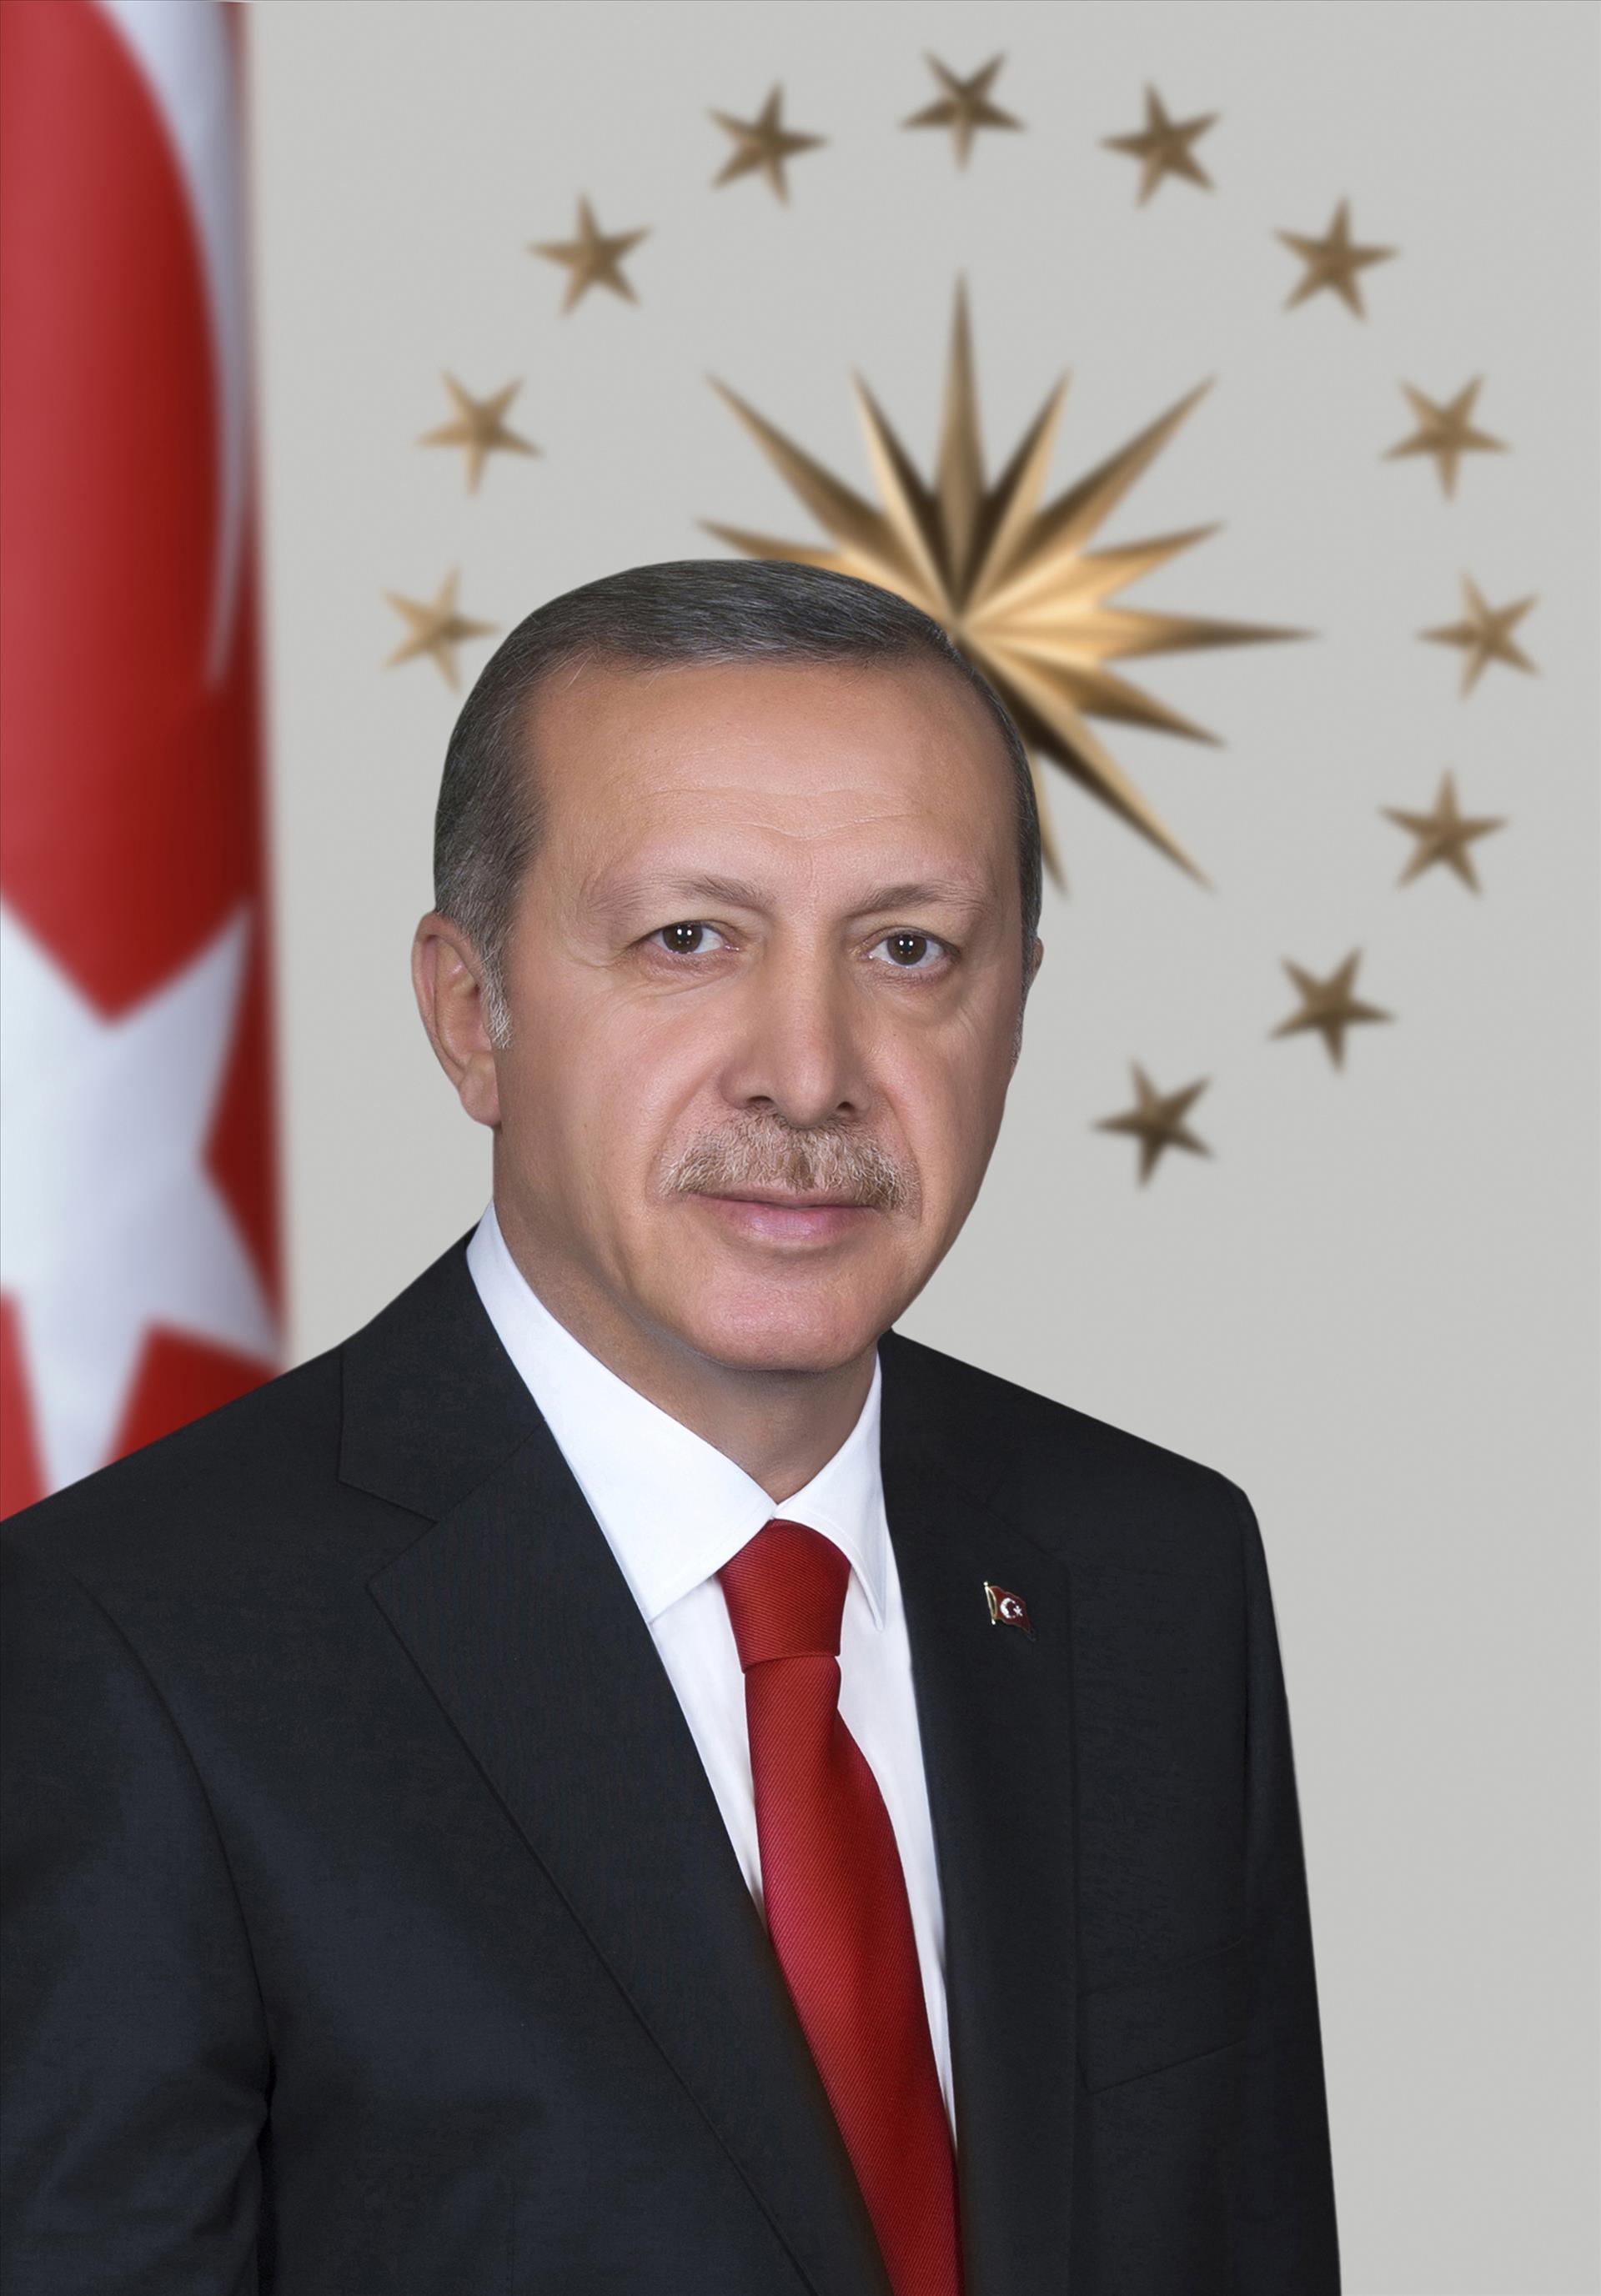 Cumhurbaşkanımız Recep Tayyip Erdoğan'ın 2016 Dünya Üniversiteler Güreş Şampiyonası Mesajı